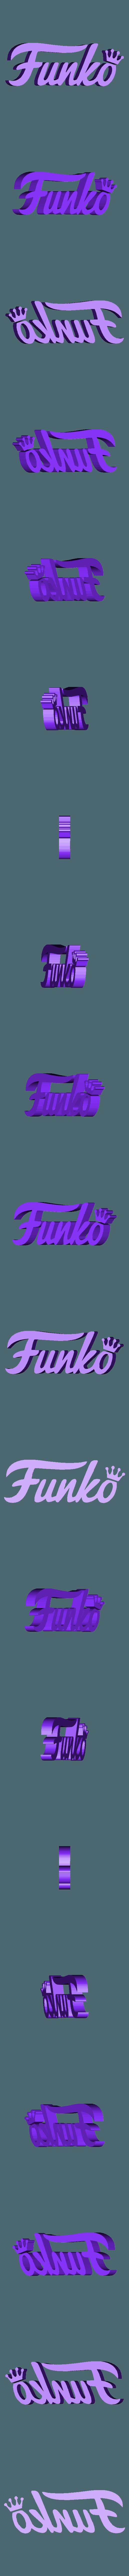 letters.stl Download free STL file letras de la marca / FUNKO / letters • Design to 3D print, claulopetegui